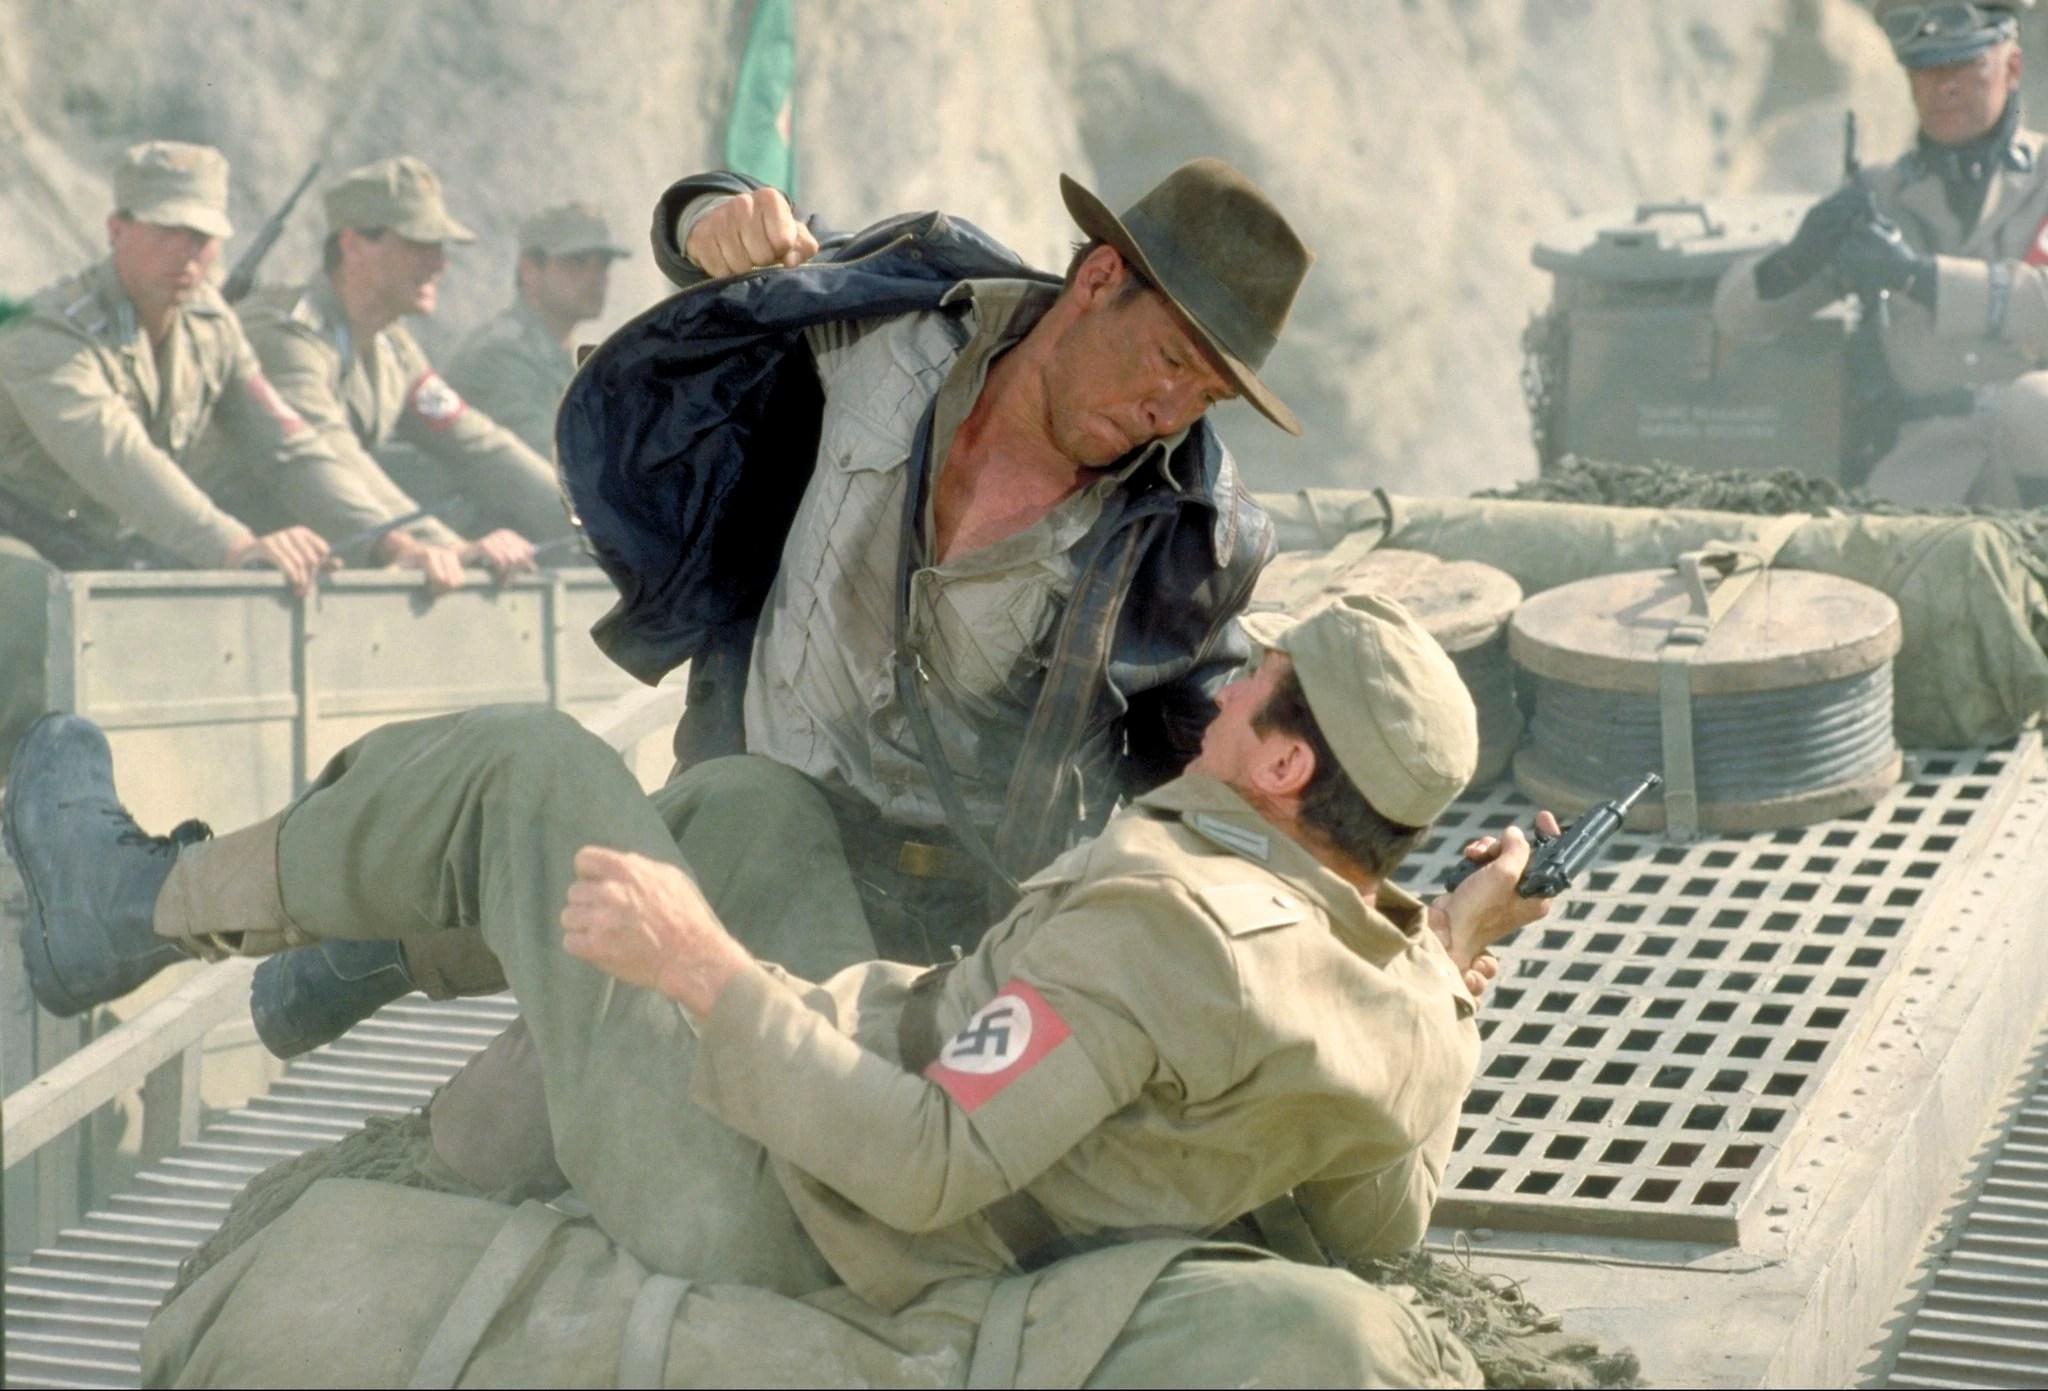 Indiana Jones fistfight on speeding tank